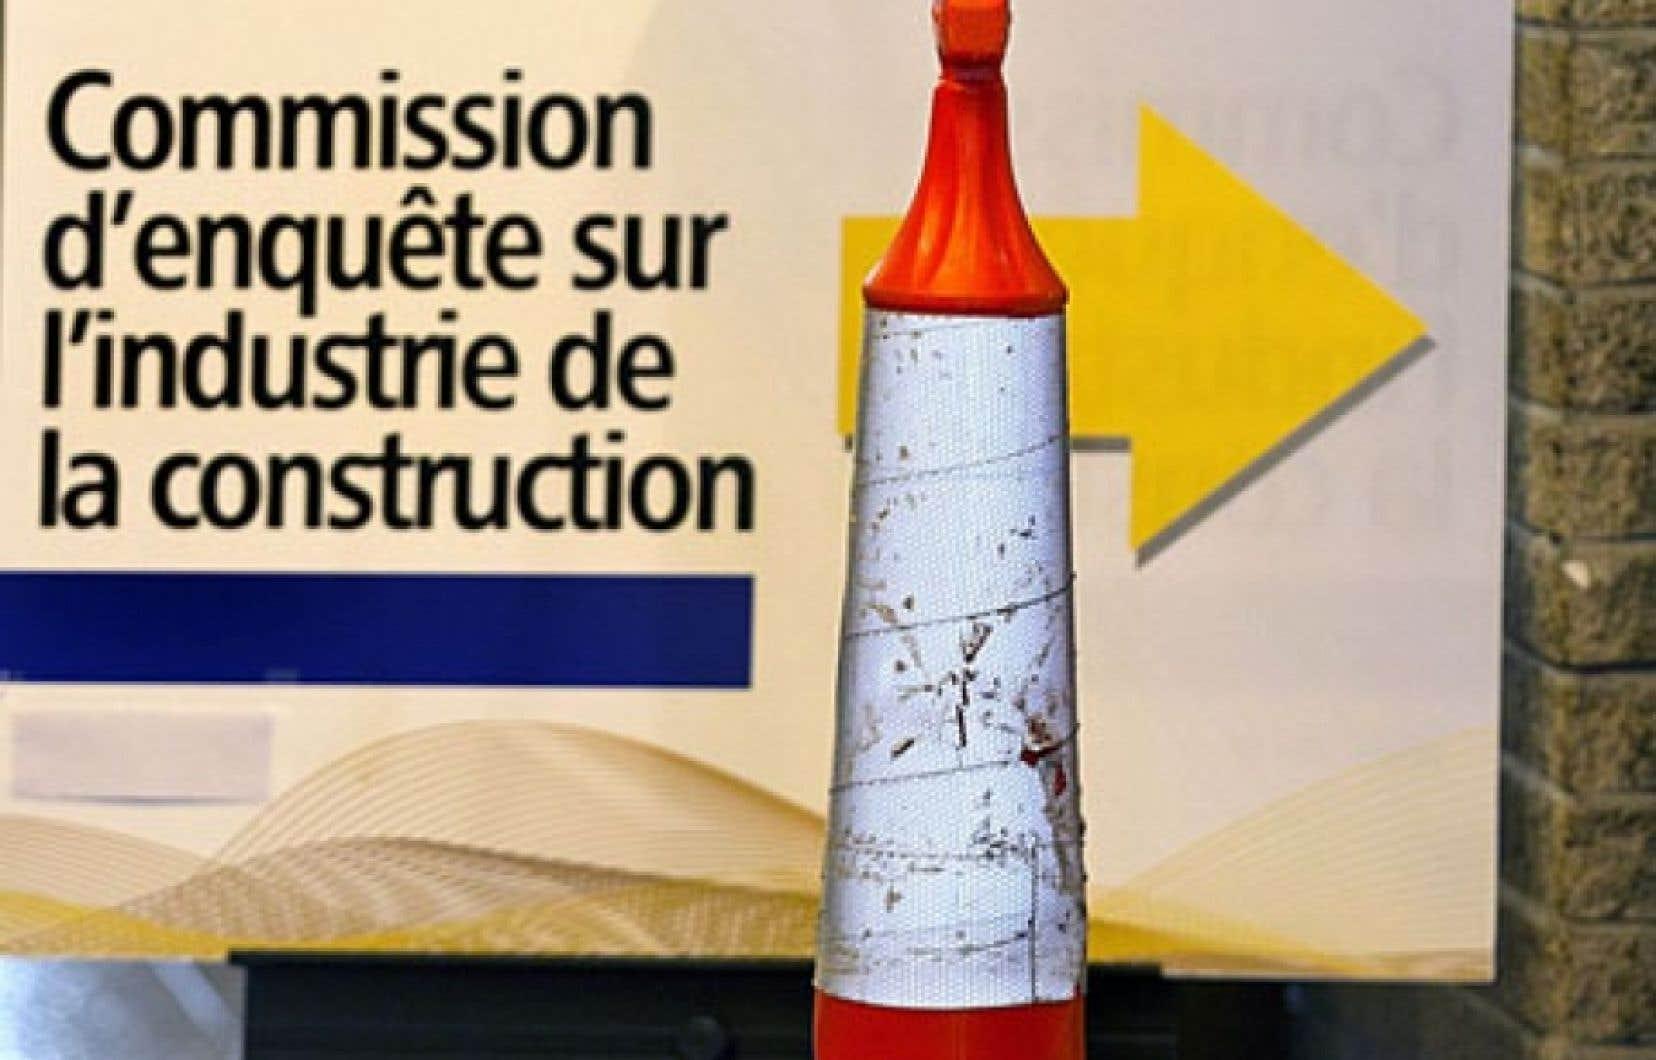 Commission Charbonneau – «Les élections vont se faire comme